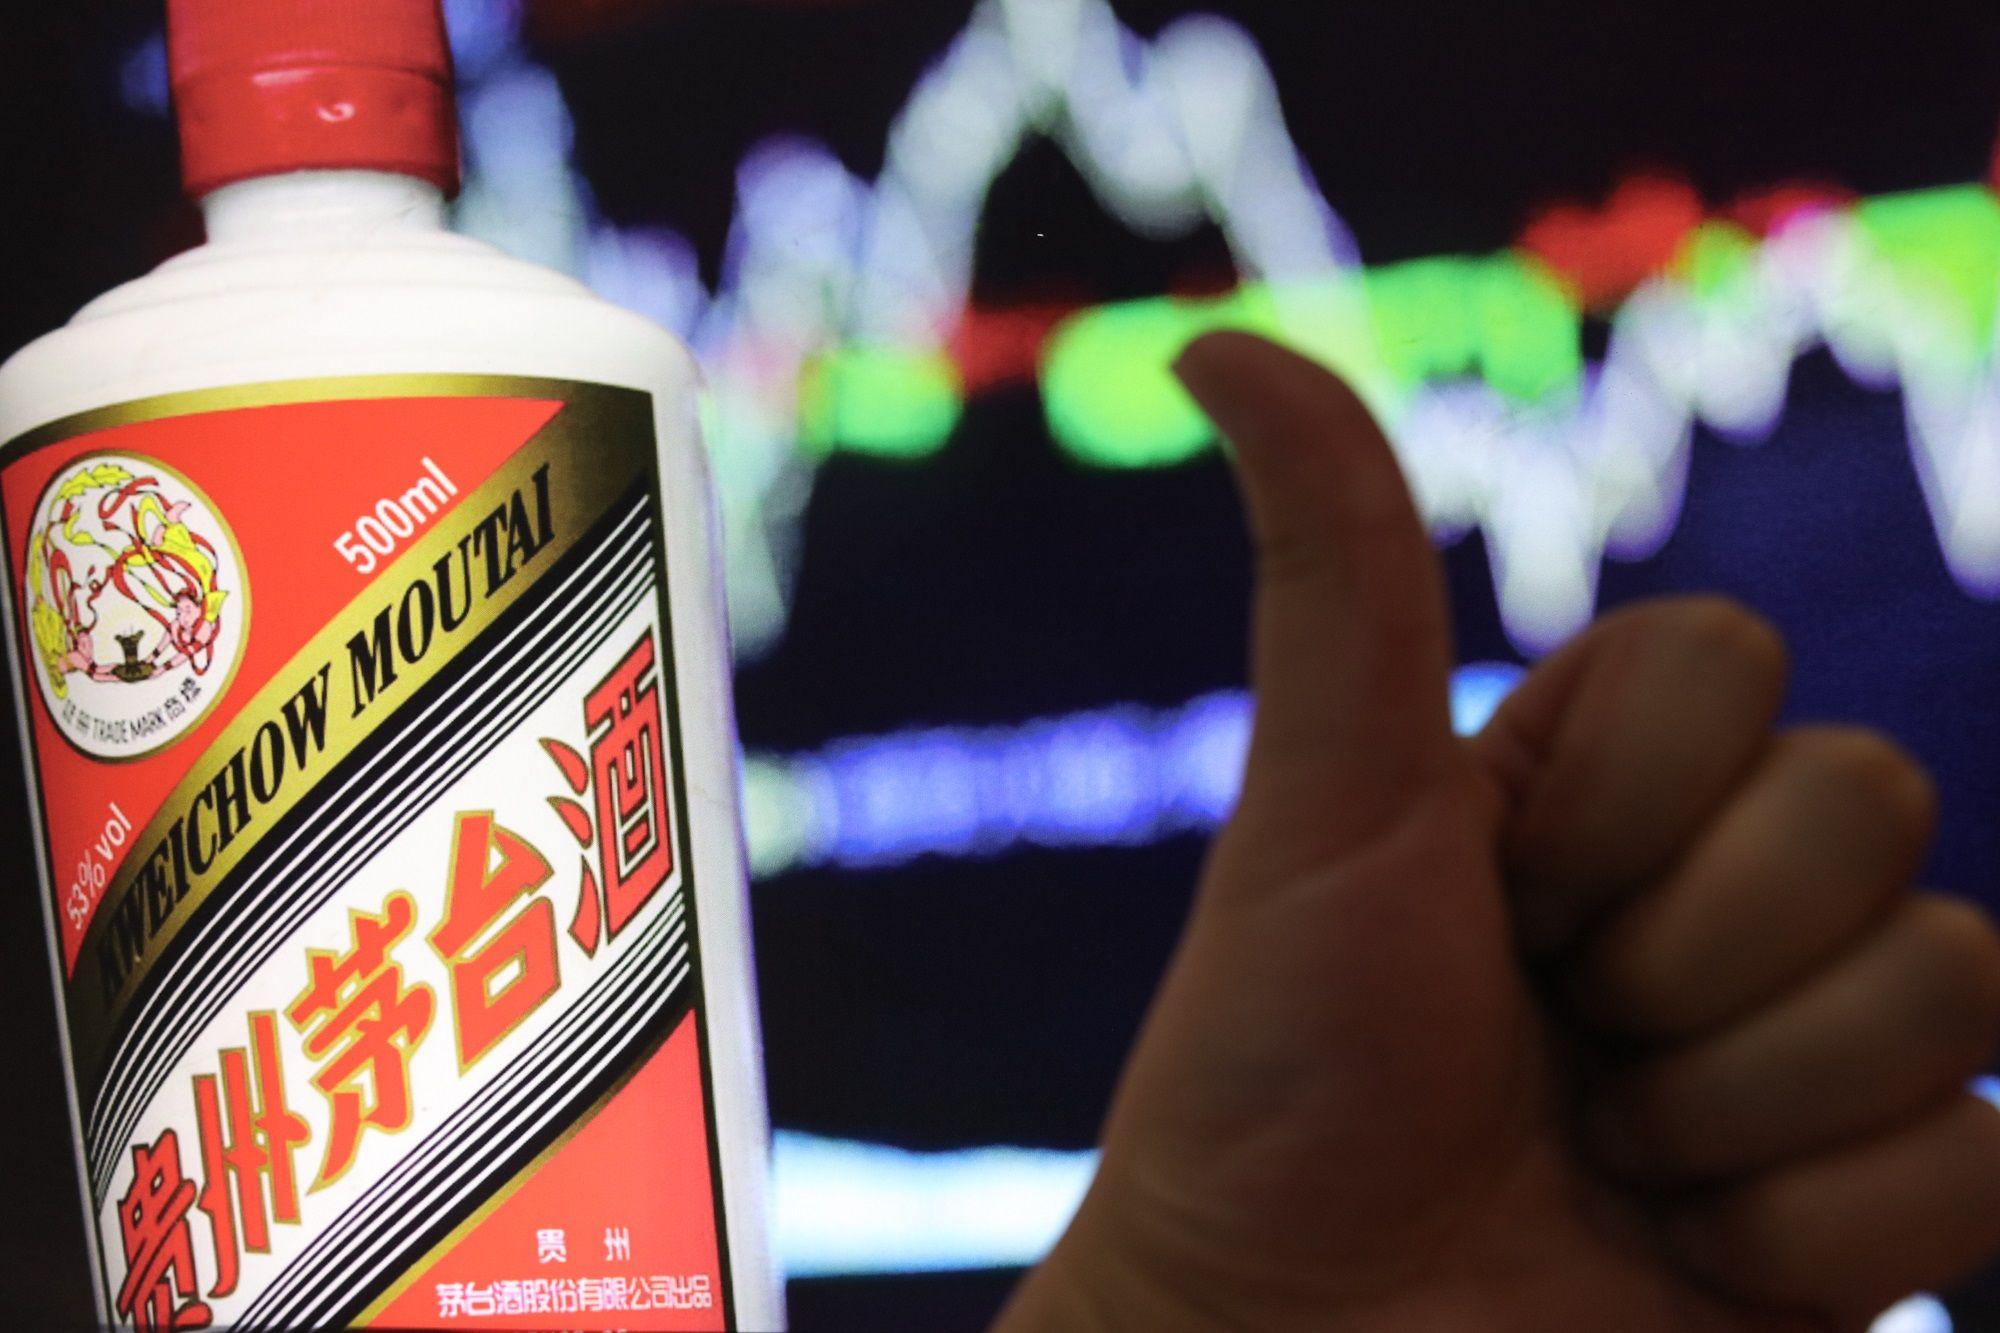 茅台集团获评新京报年度标杆品牌力企业图片